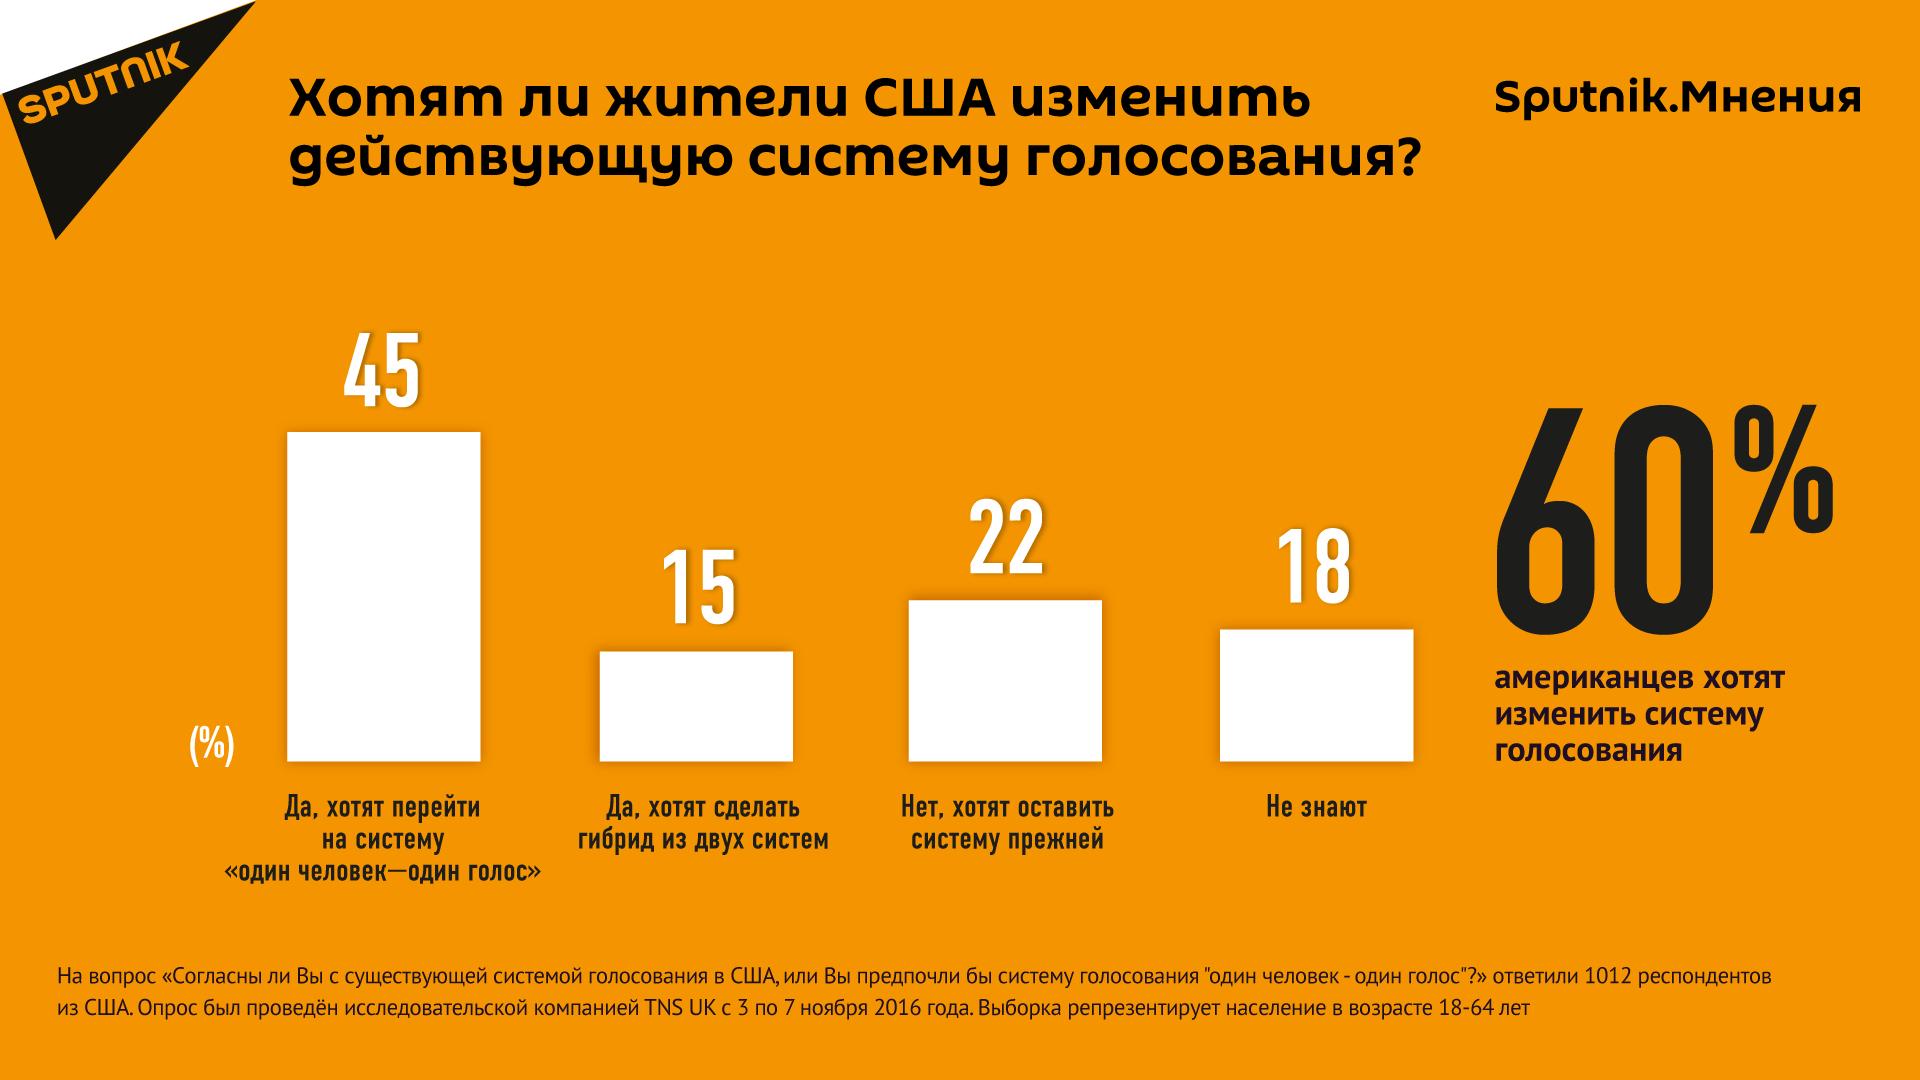 Данные опроса Sputnik. Мнения